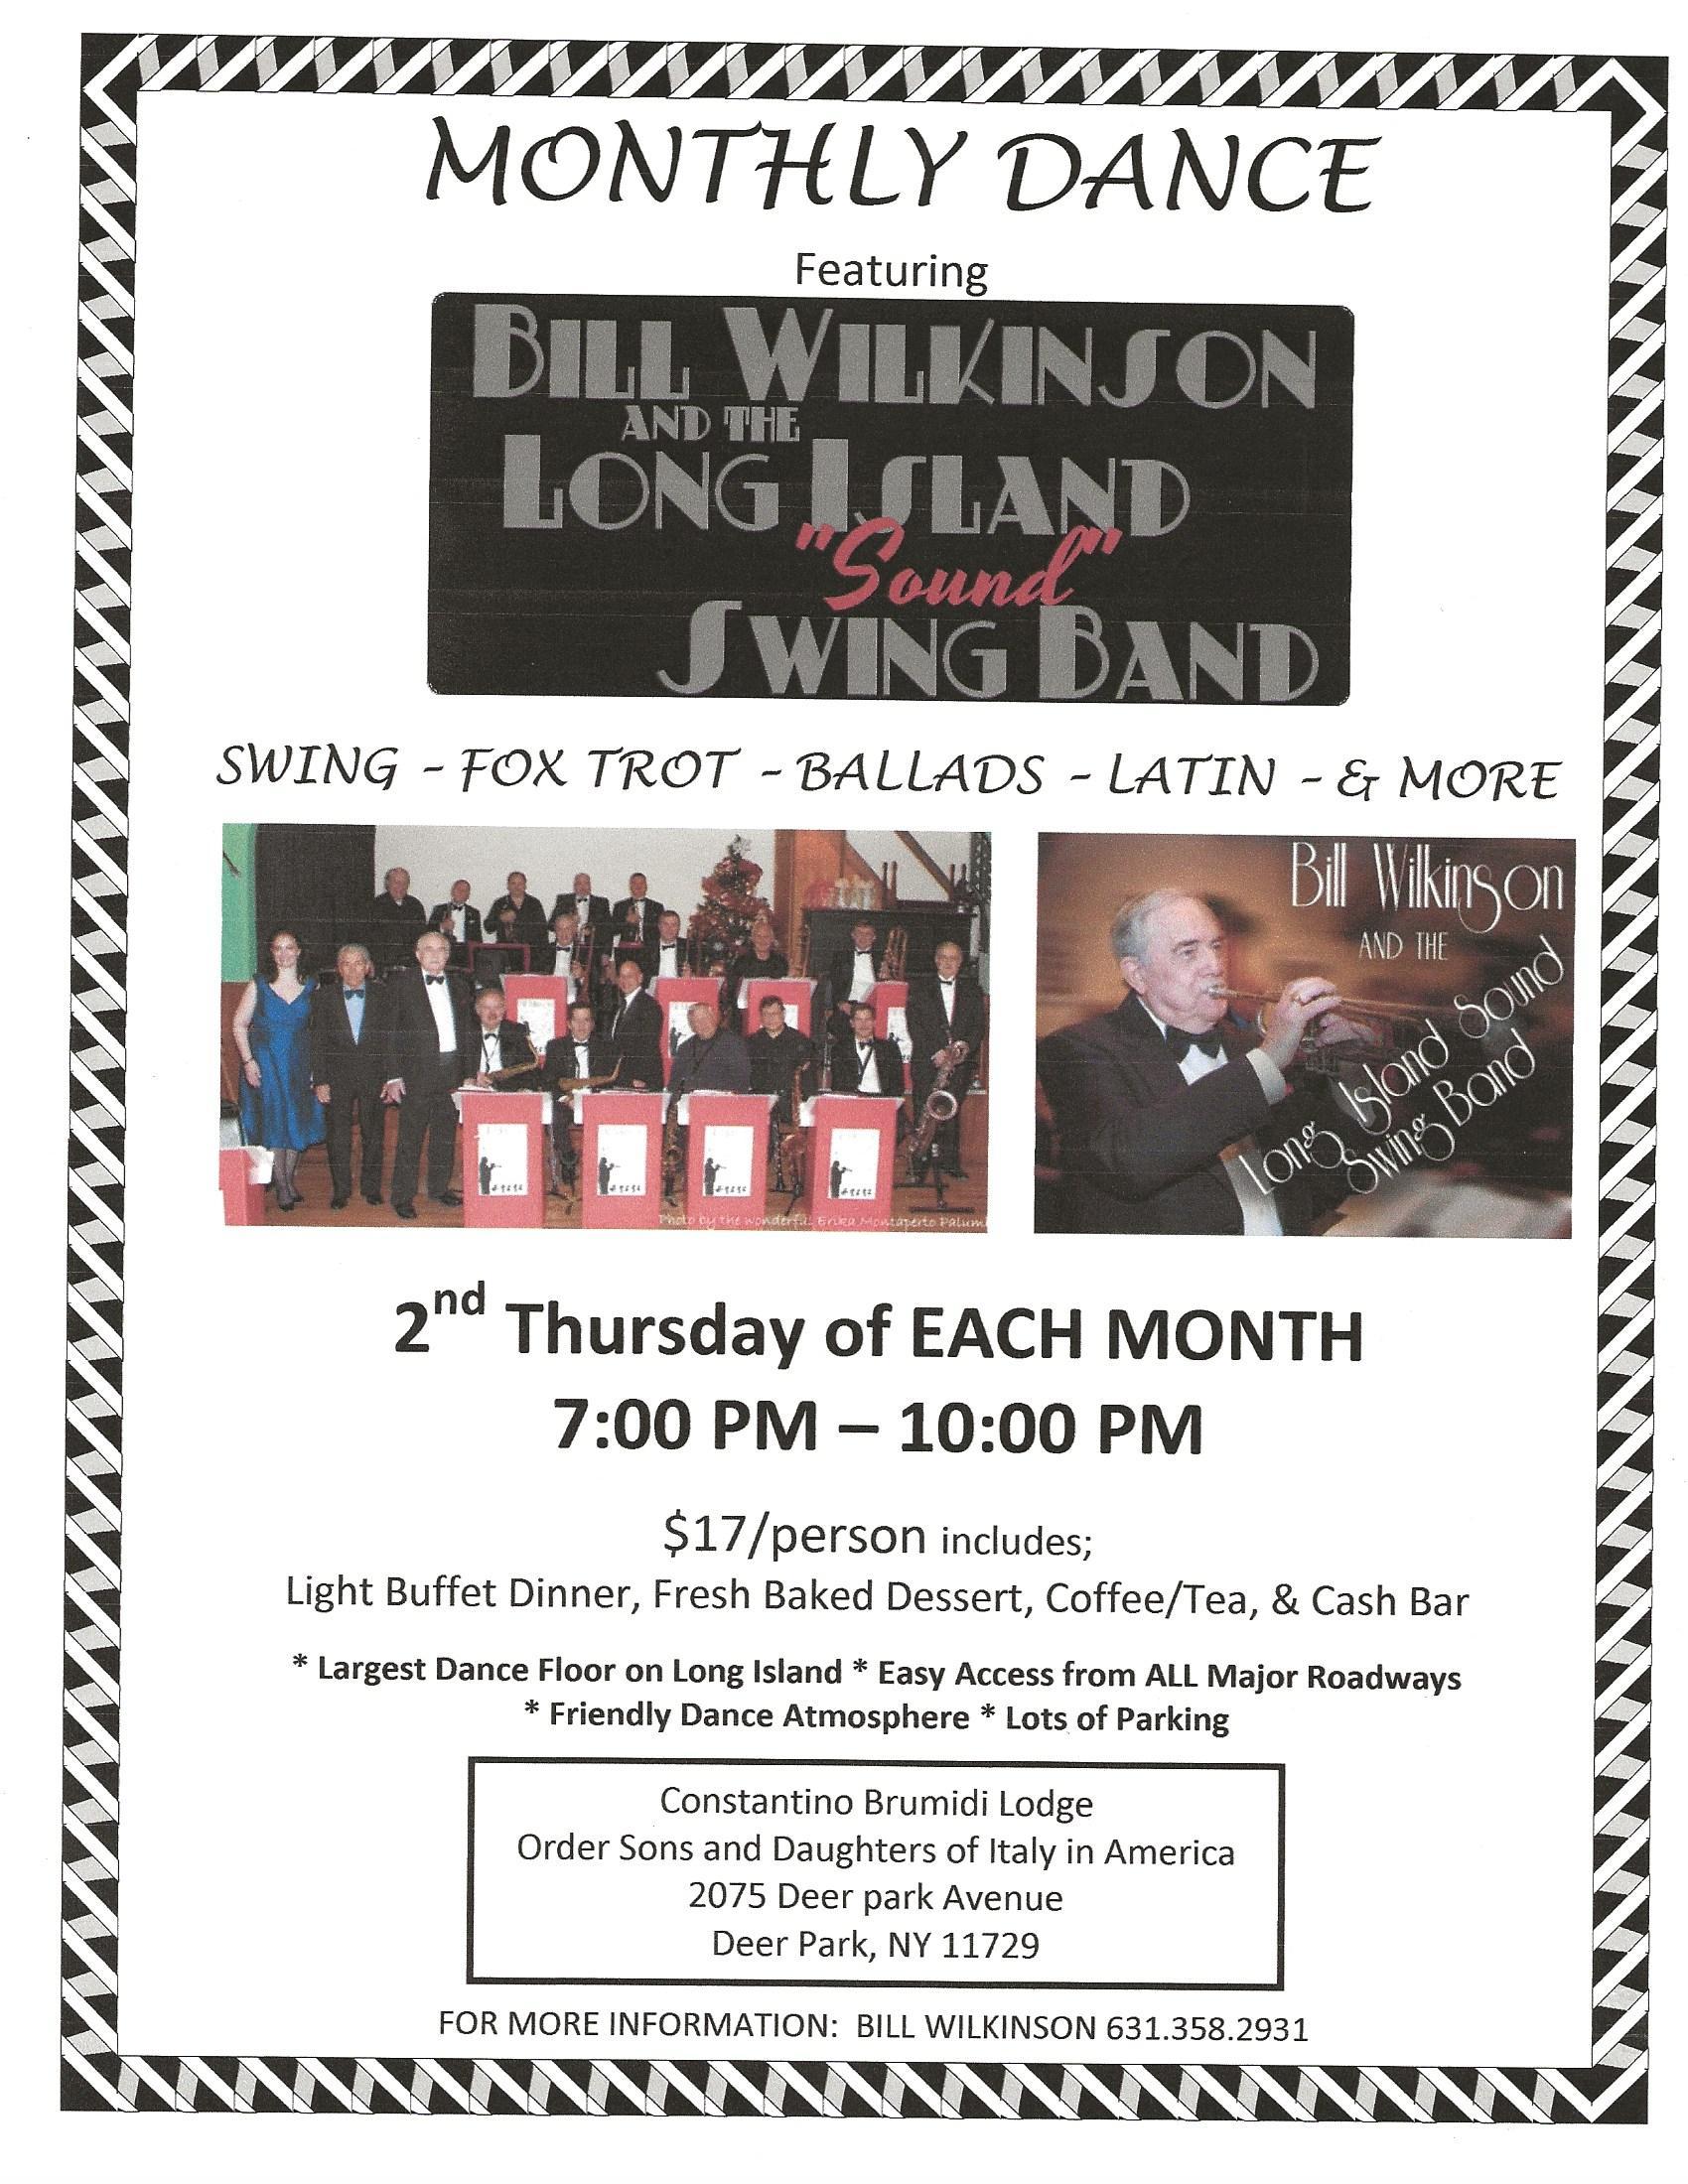 Bill Wilkinson Band Swing Flyer